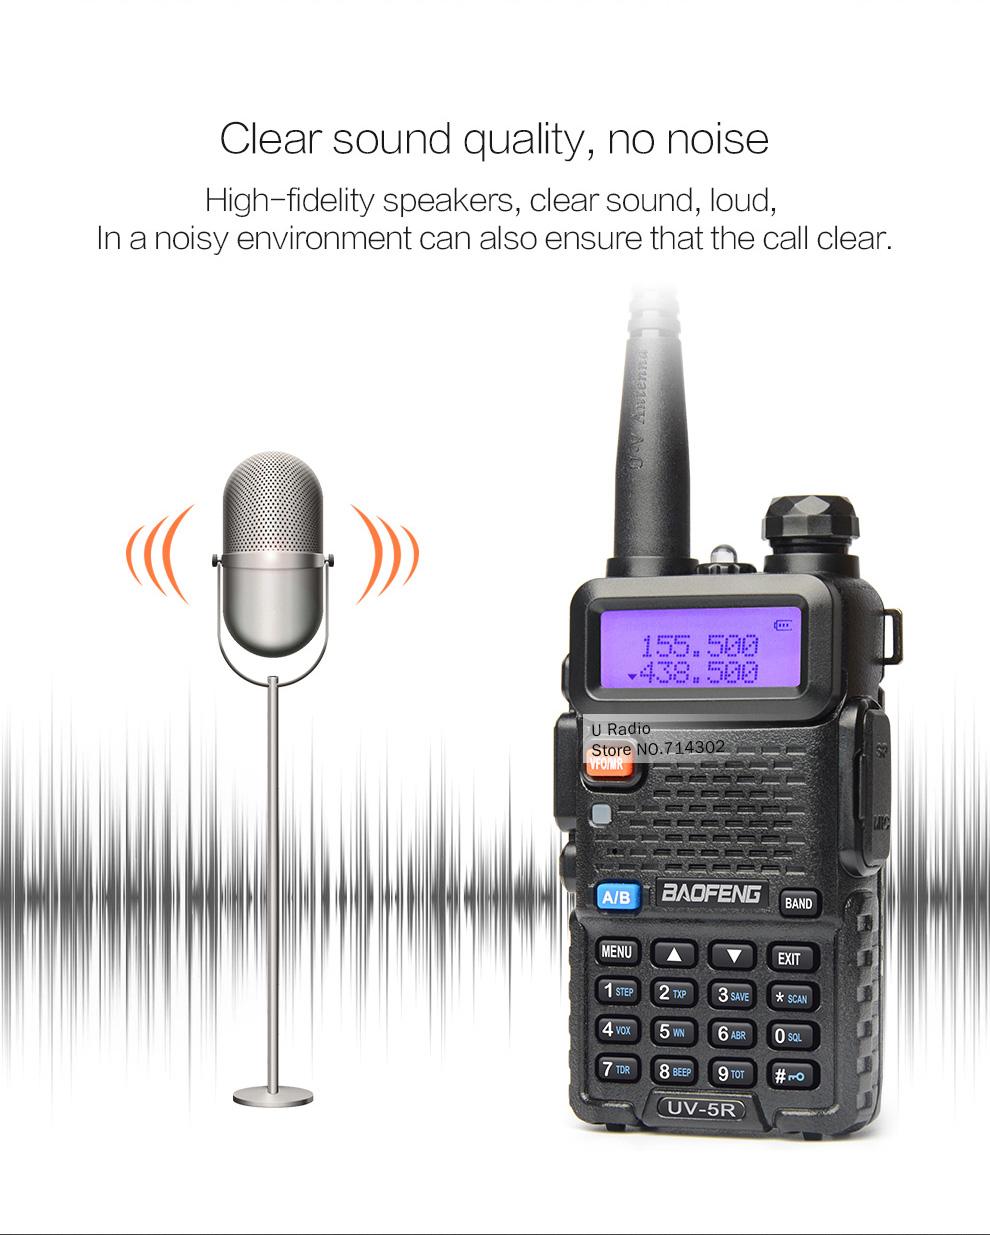 USA Stock 10x Baofeng UV-5R Two Way Radio 128CH Dual Band